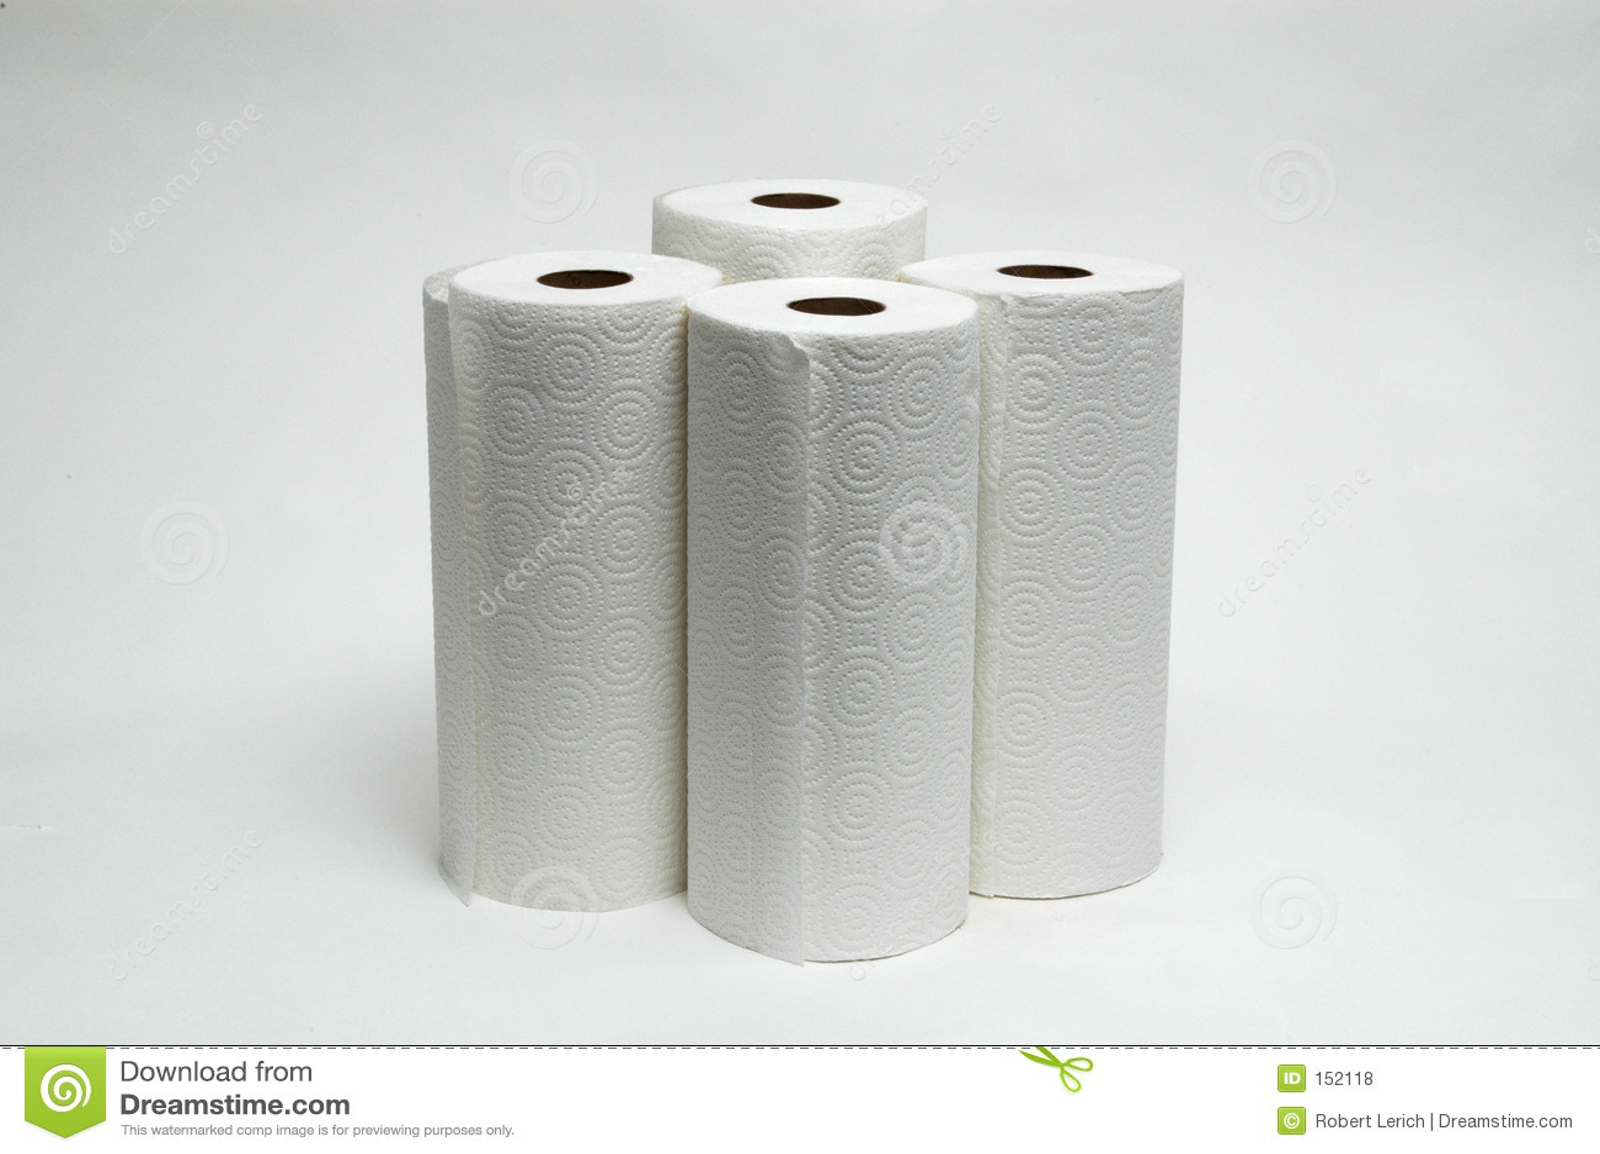 Paper towels 3